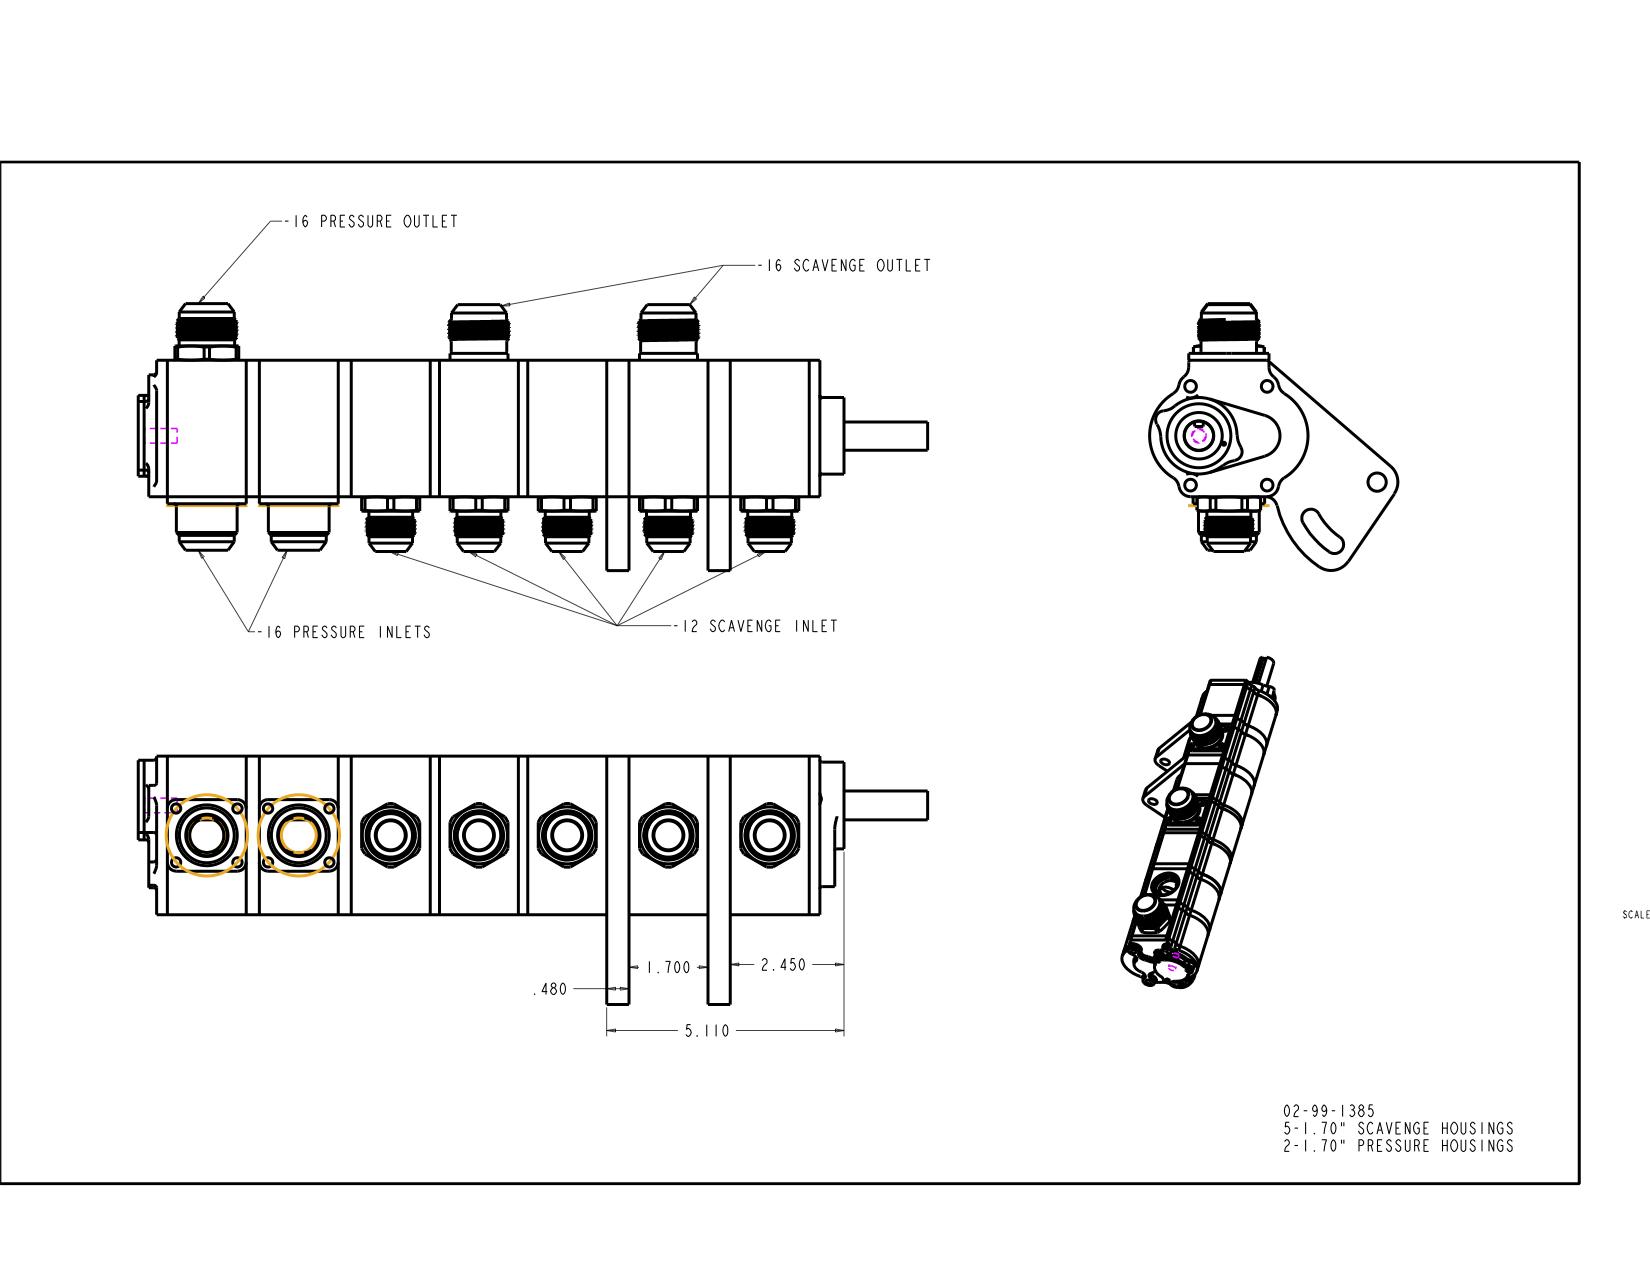 99 xk8 fuse diagram